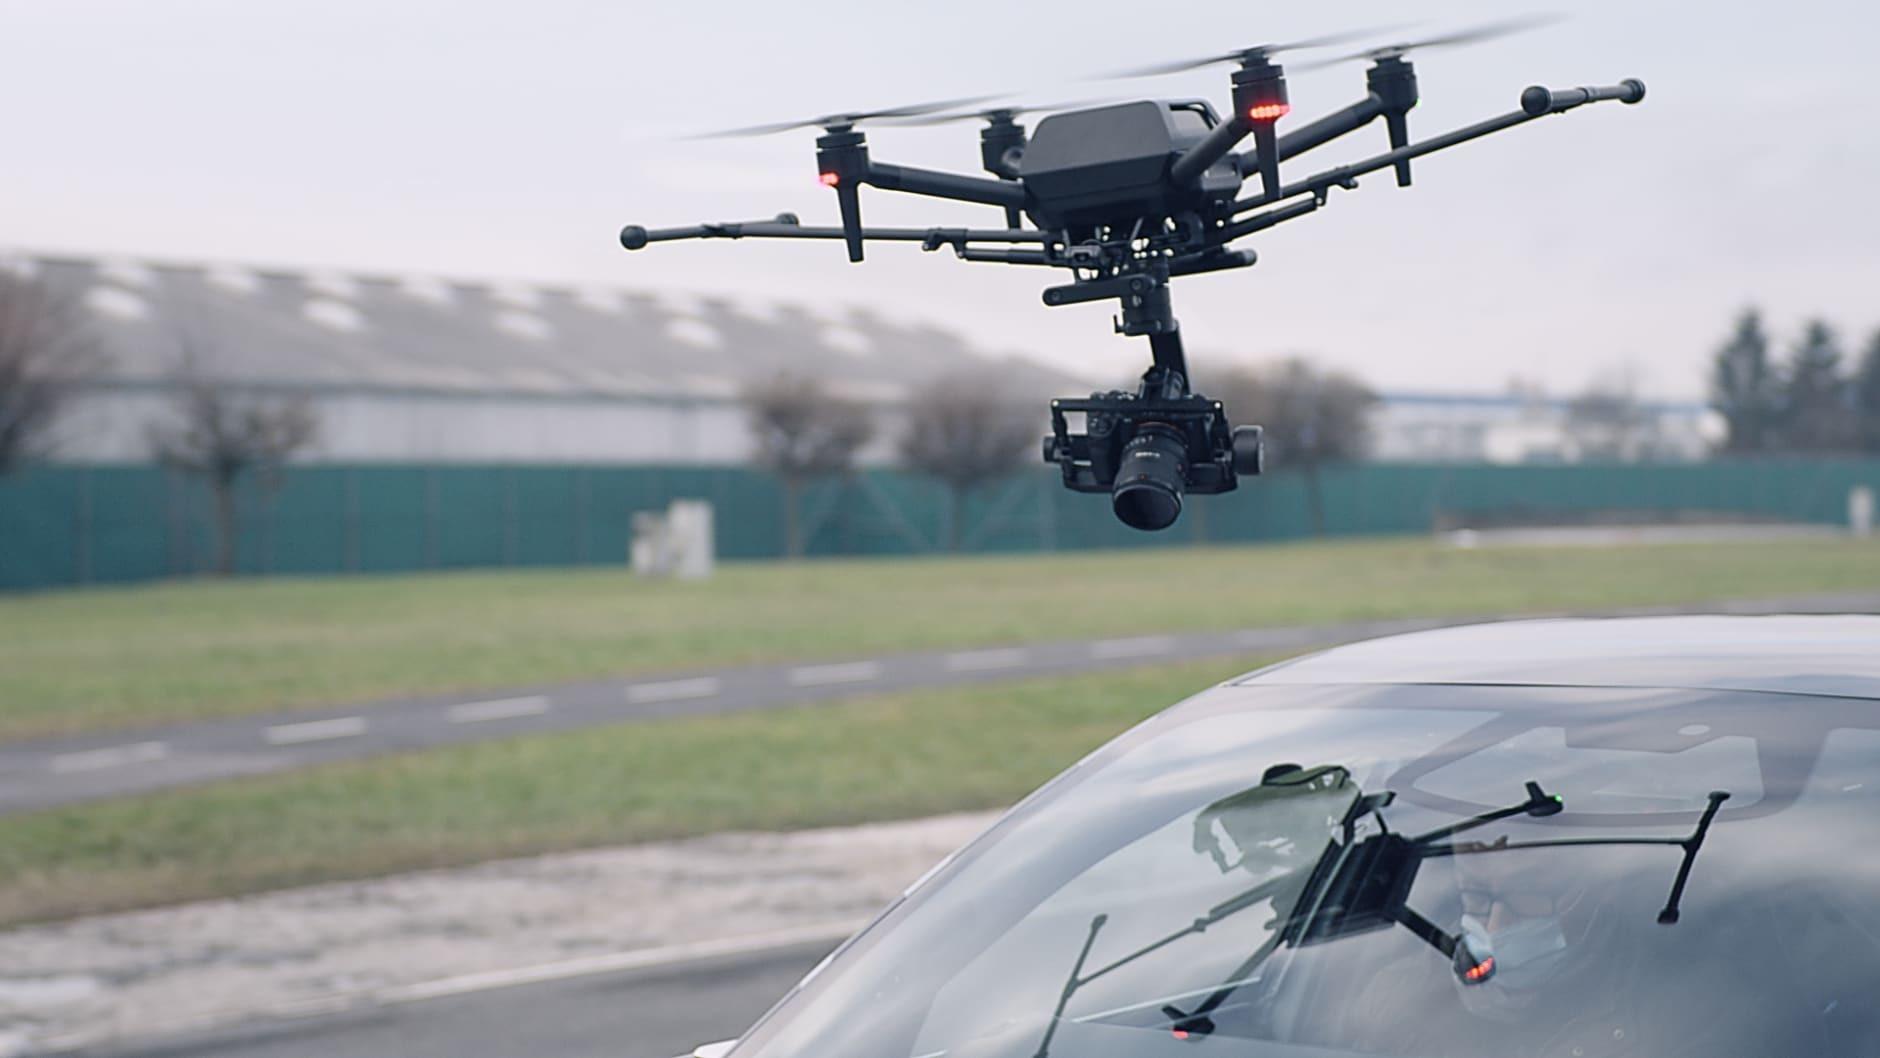 Drone Airpeak của Sony có thể bay đứng ổn định một chỗ dù sức gió đạt hơn 70 km/h